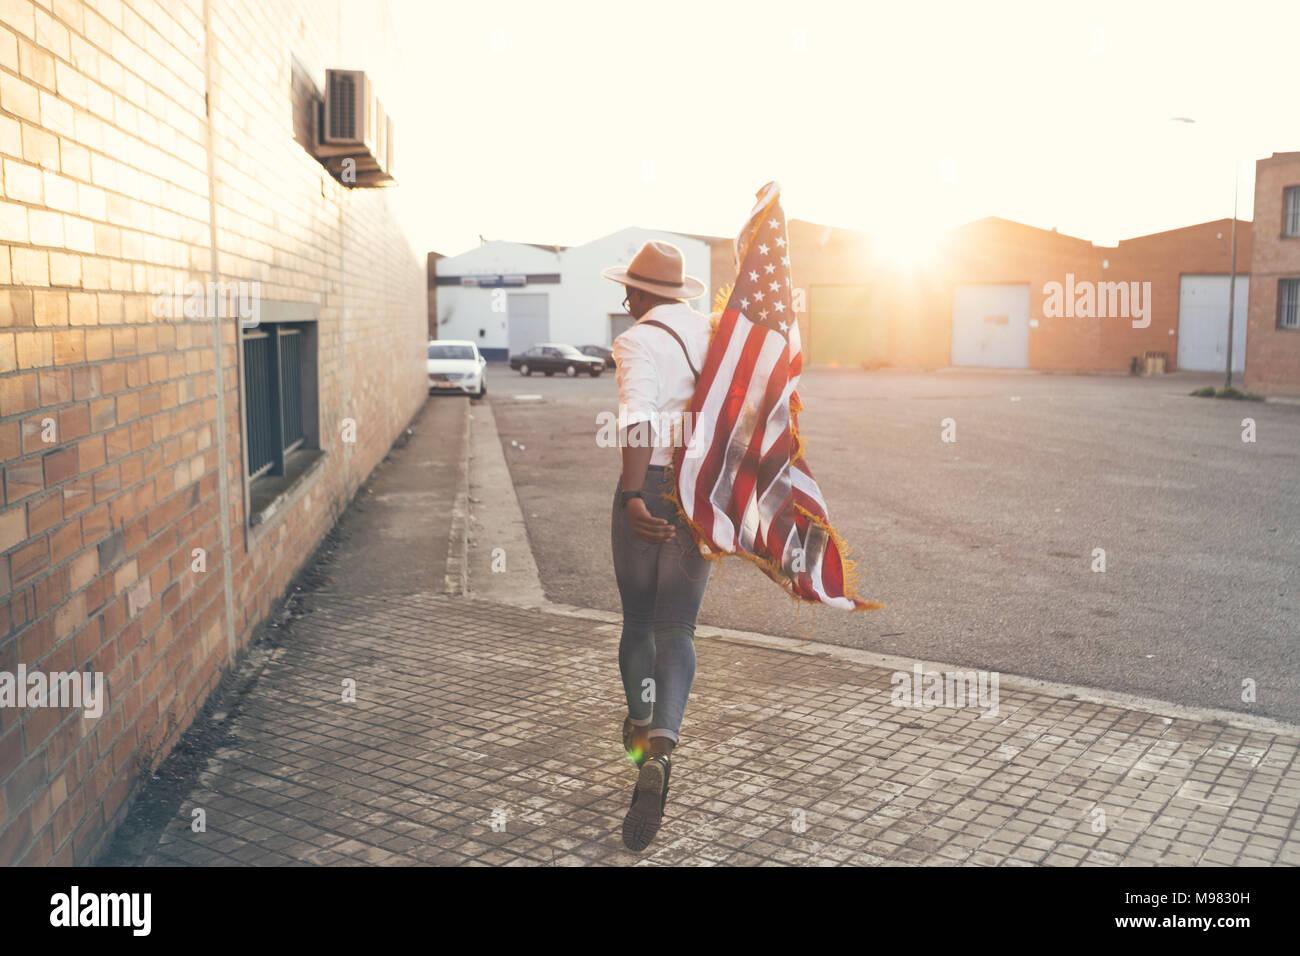 Vista posterior del joven corriendo con bandera americana a contraluz Imagen De Stock